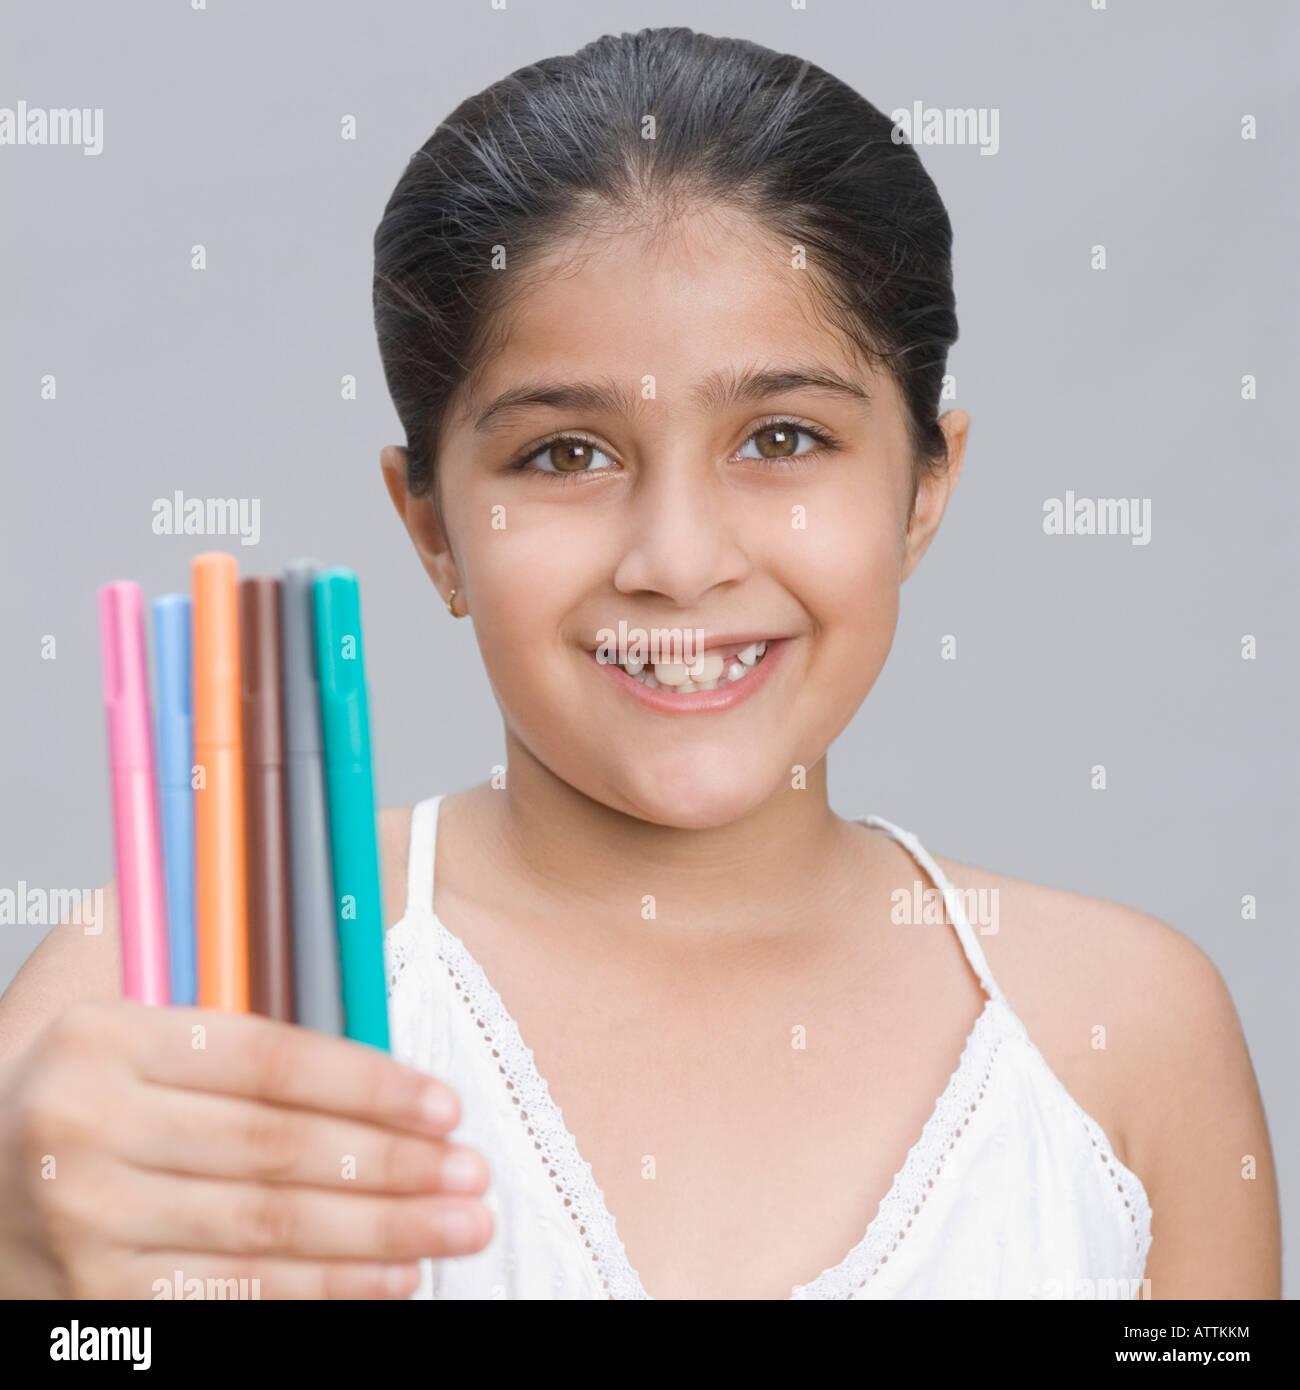 Retrato de una niña sonriente y rediles Imagen De Stock